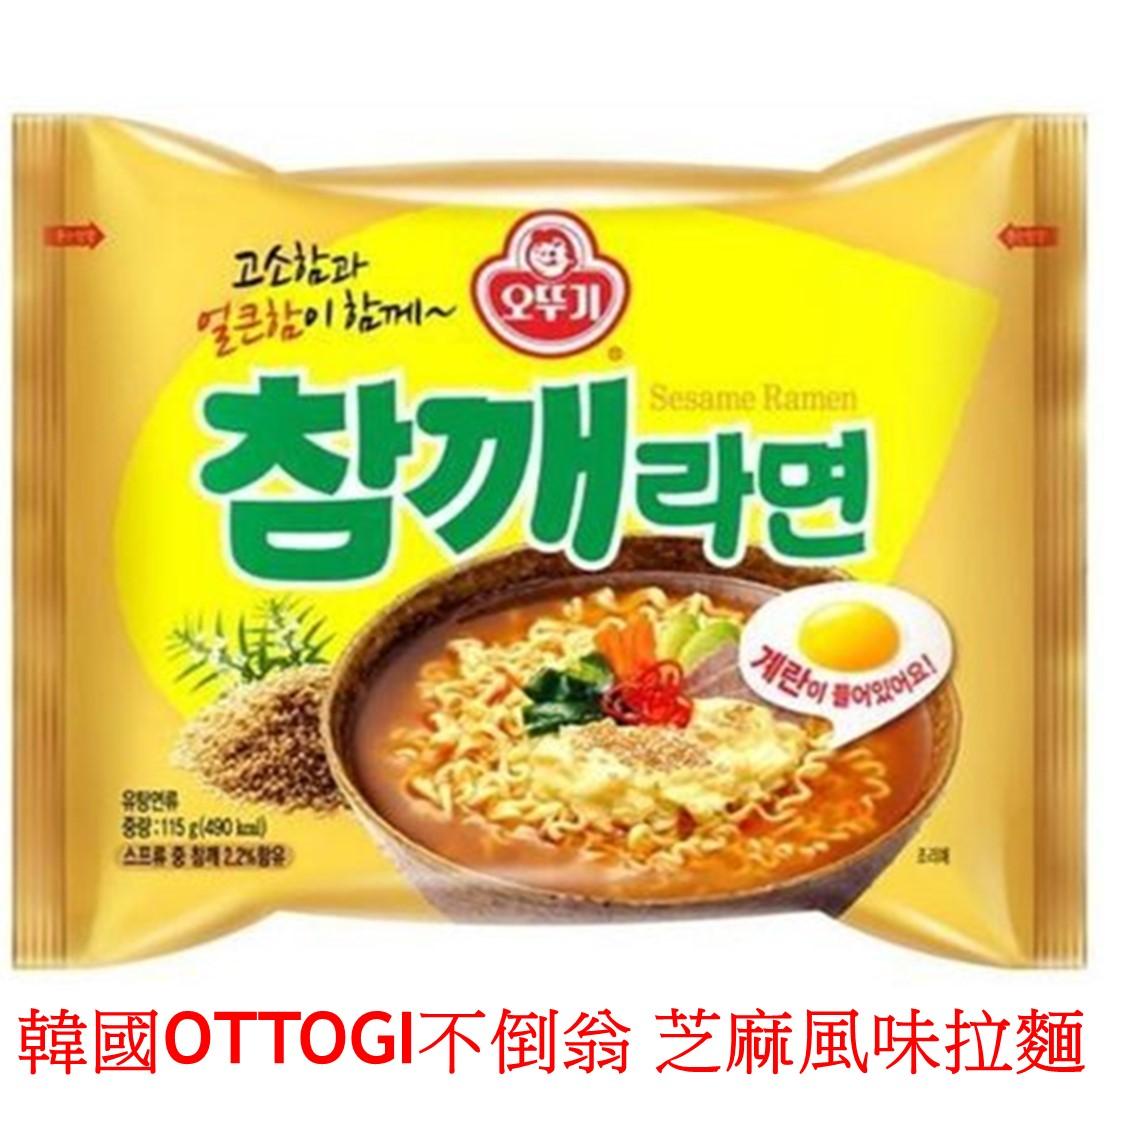 【$35】韓國OTTOGI不倒翁 芝麻風味拉麵 泡麵 【樂活生活館】